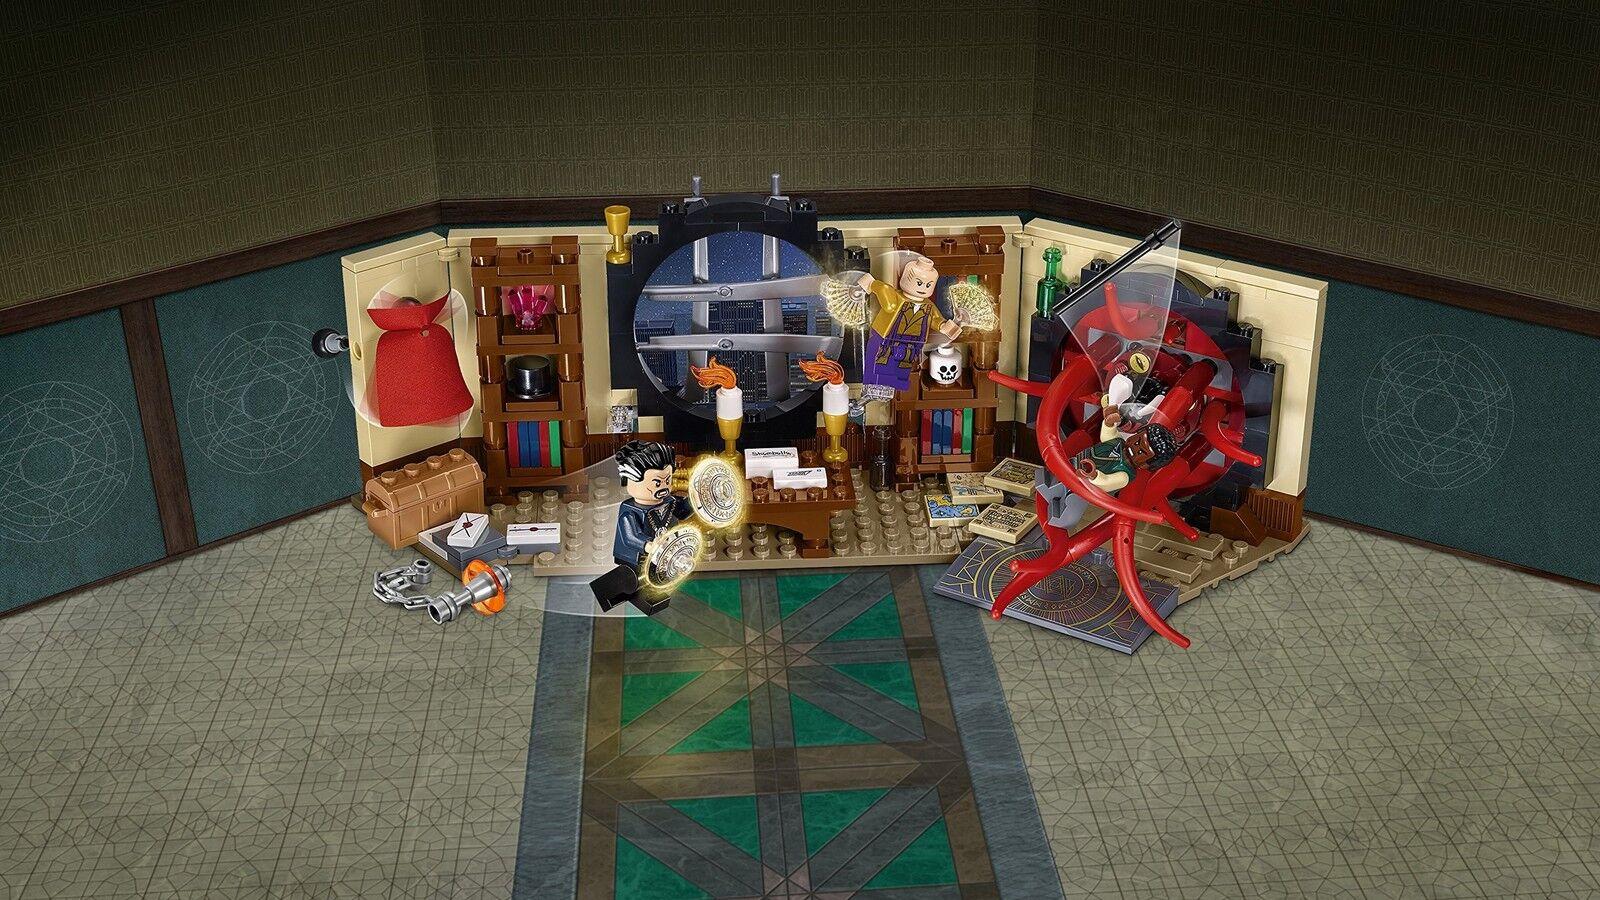 LEGO 76060 Super Super Super Doctor Strange's Sanctum Sanctorum Building Set 9c12be